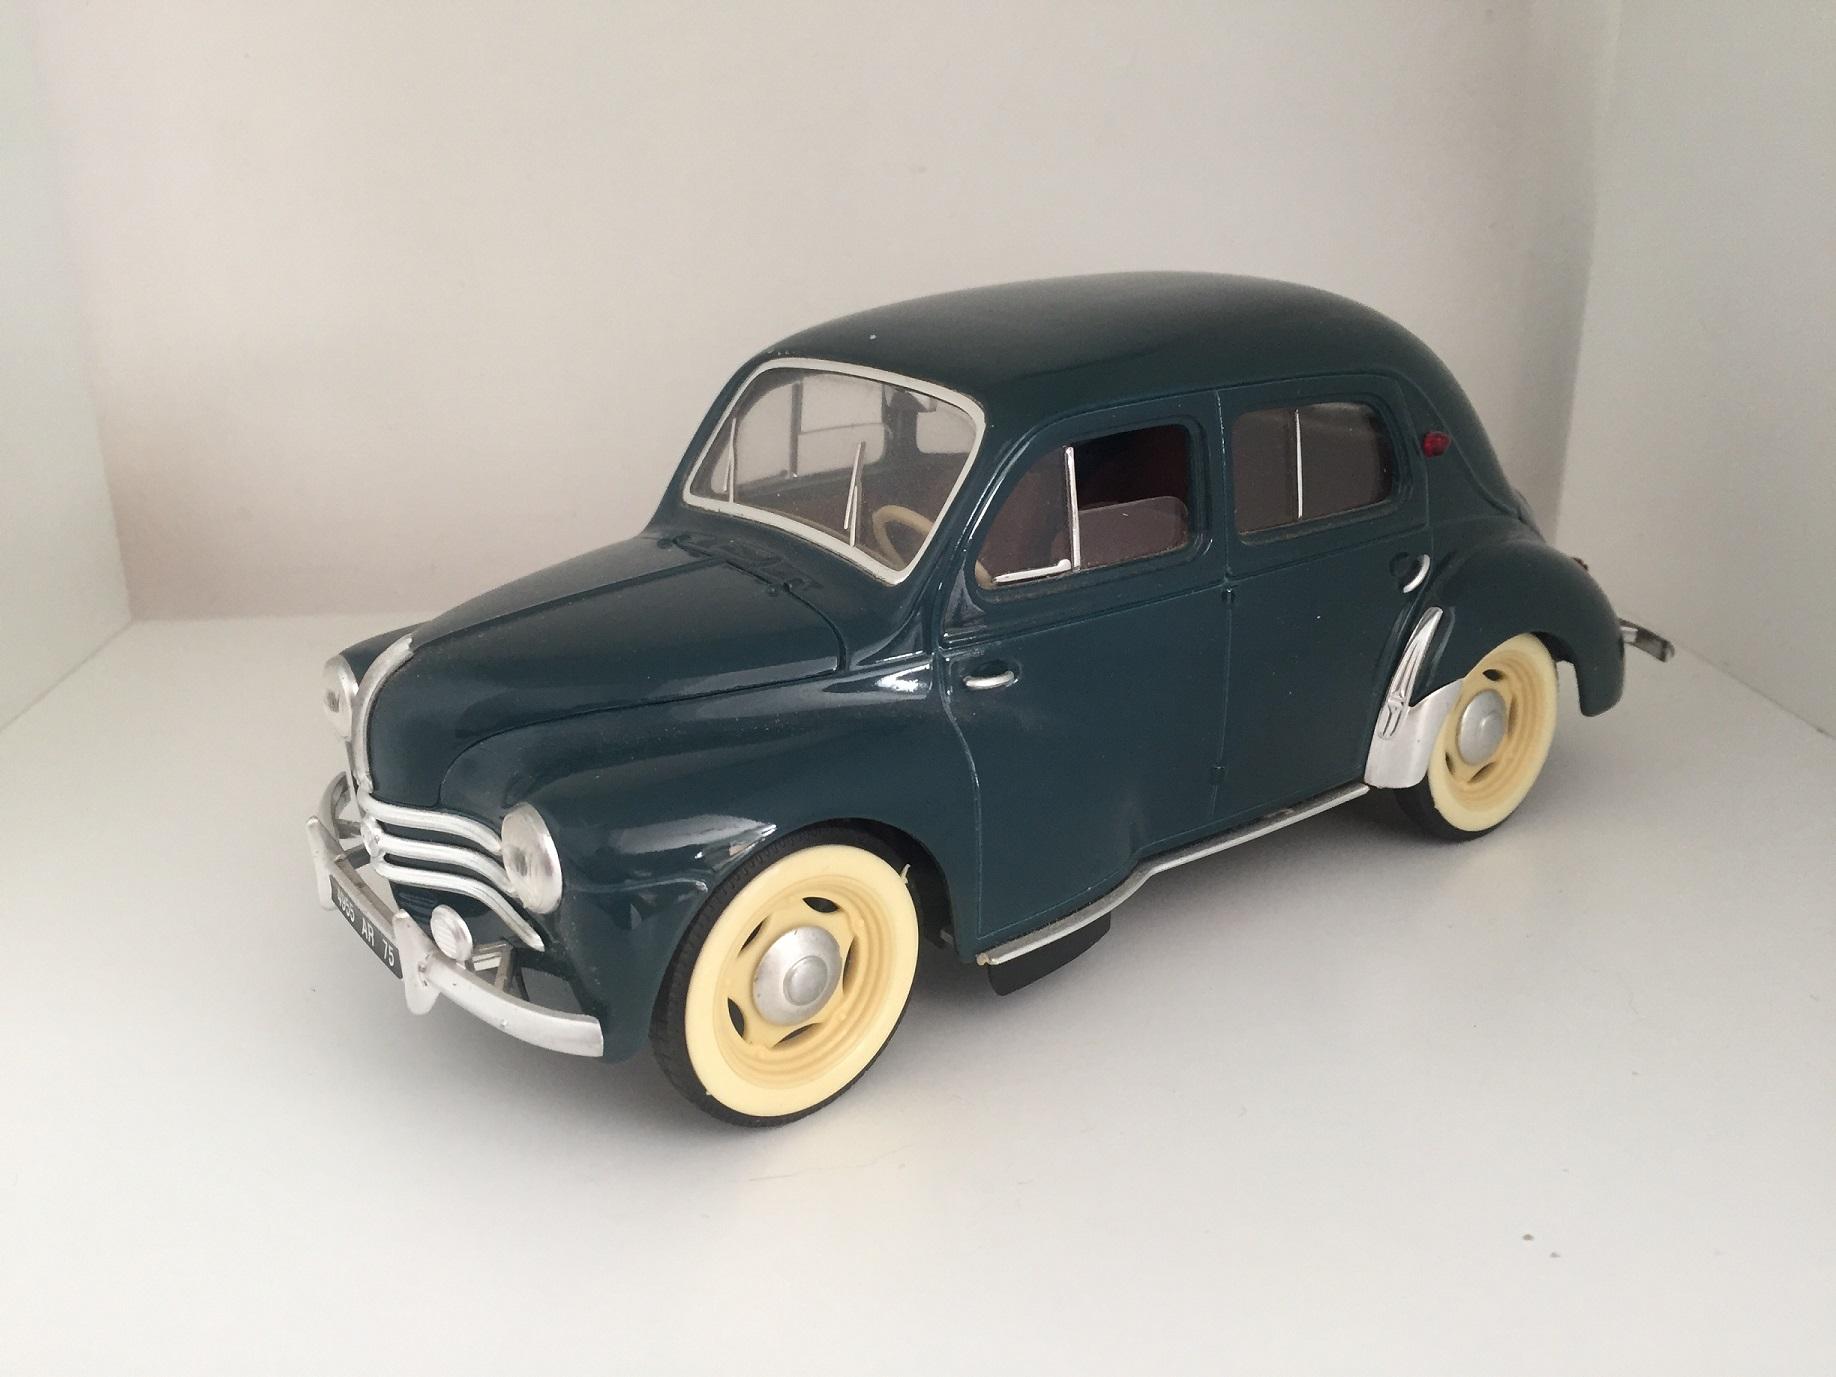 Retrouvez toutes les pièces détachées de votre miniature Renault 4CV de taille 1/17 1/17e 1/17eme de marque Solido